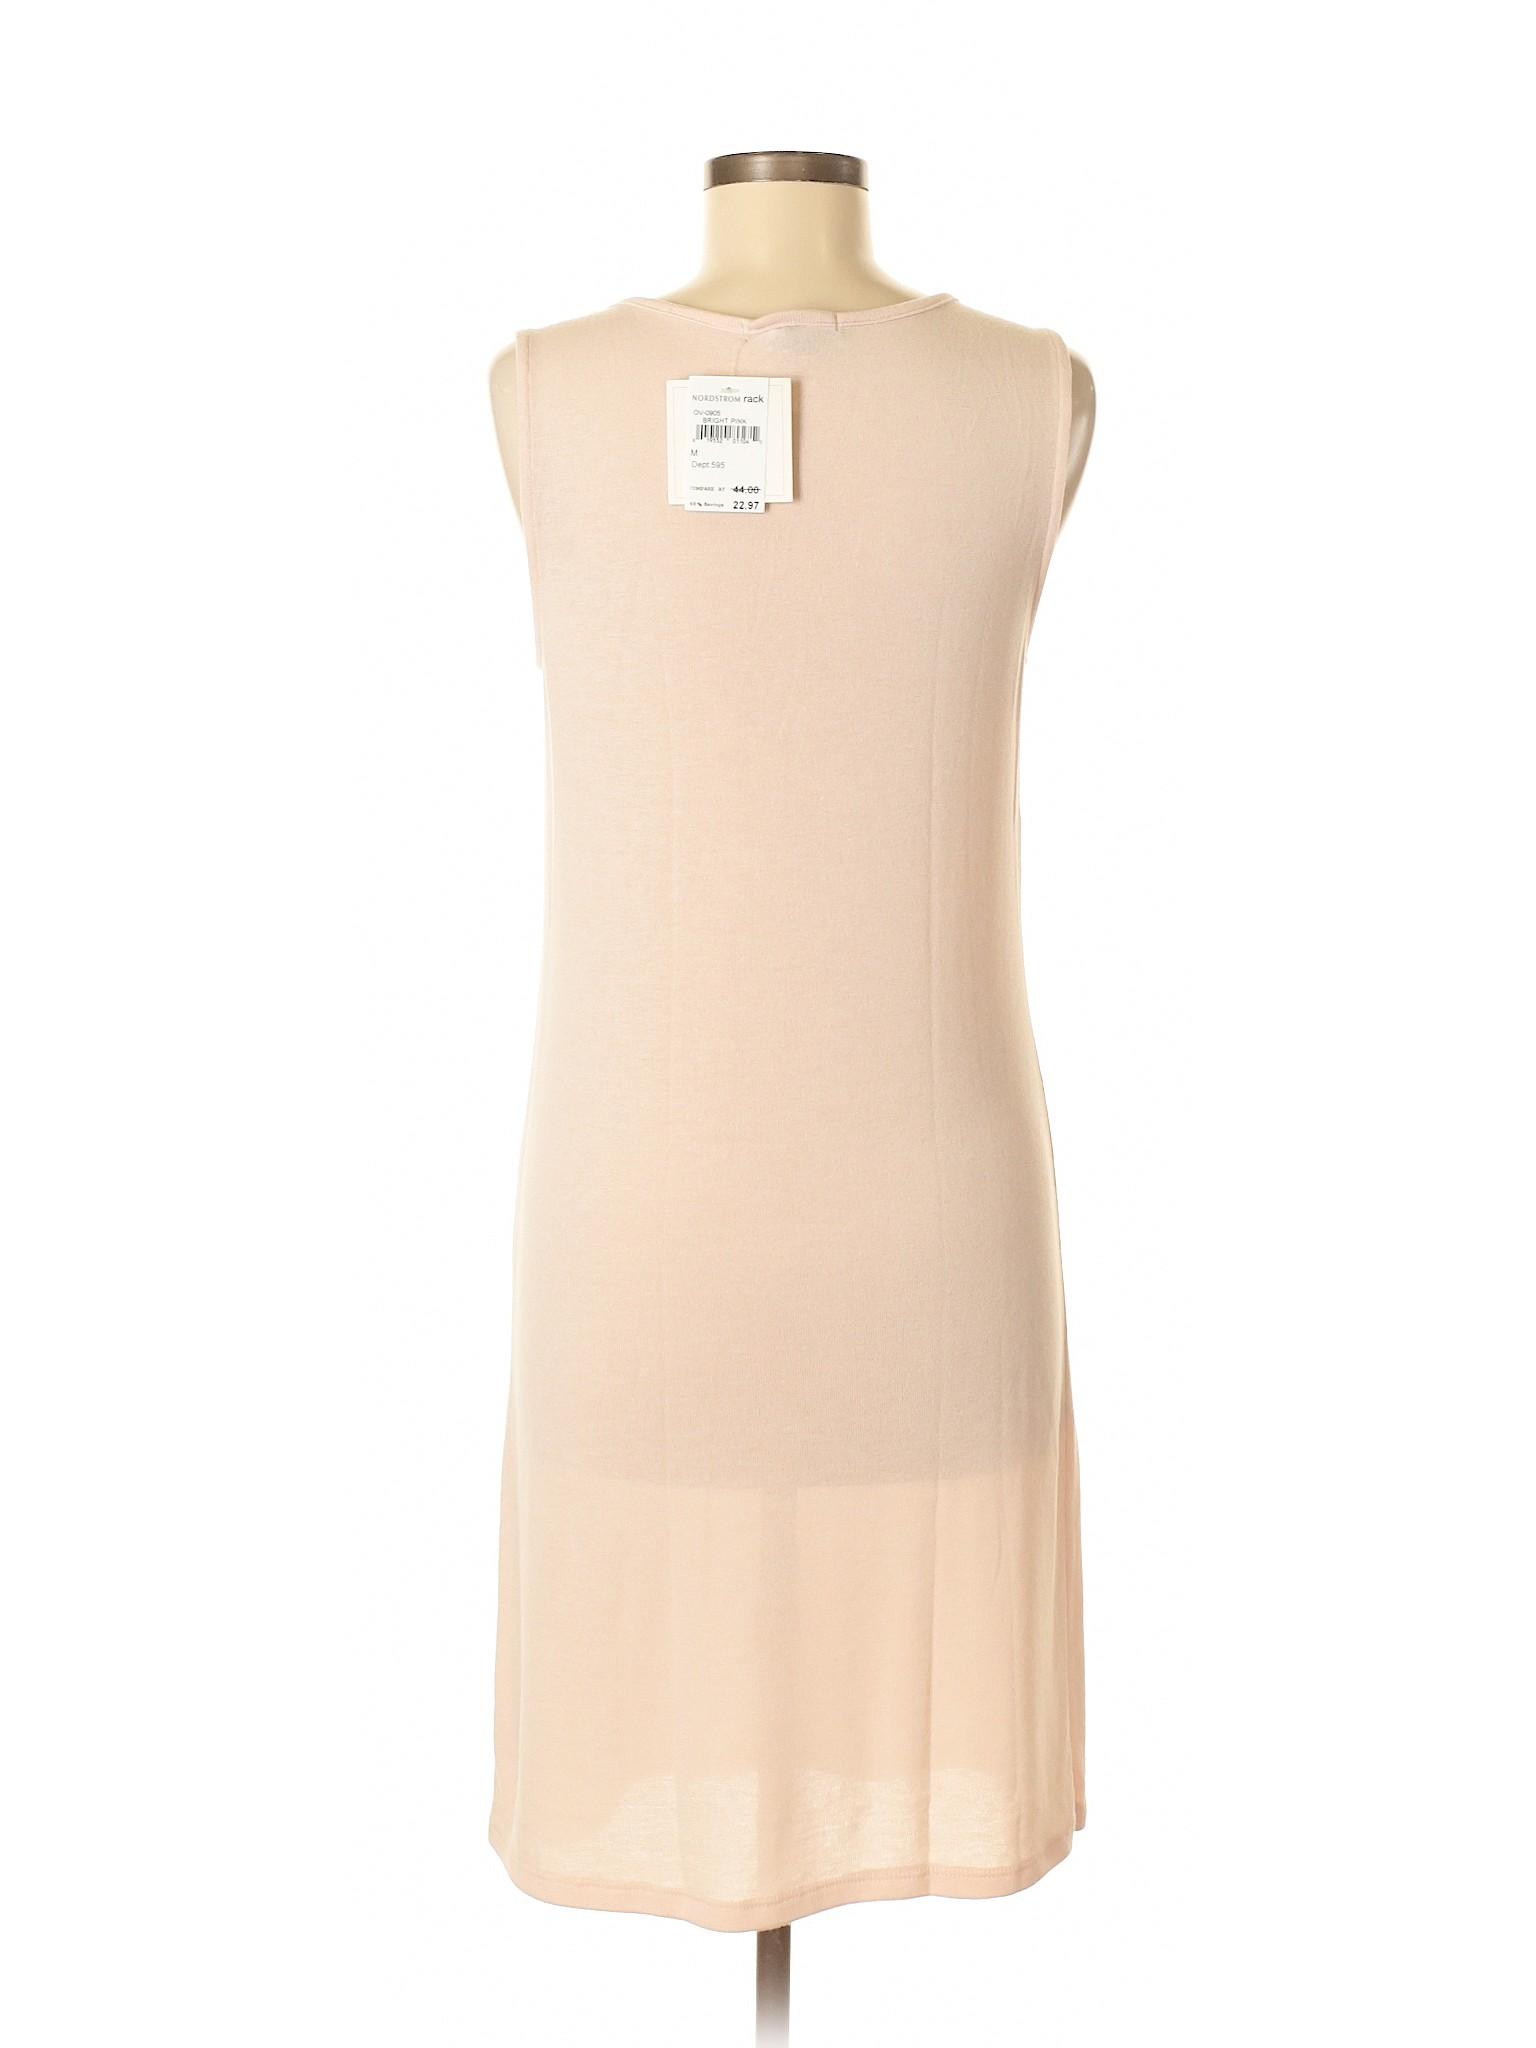 Boutique Casual Dress Vivi winter Boutique Casual winter Vivi winter winter Vivi Dress Dress Casual Boutique Vivi Boutique 5HHxZwgq4